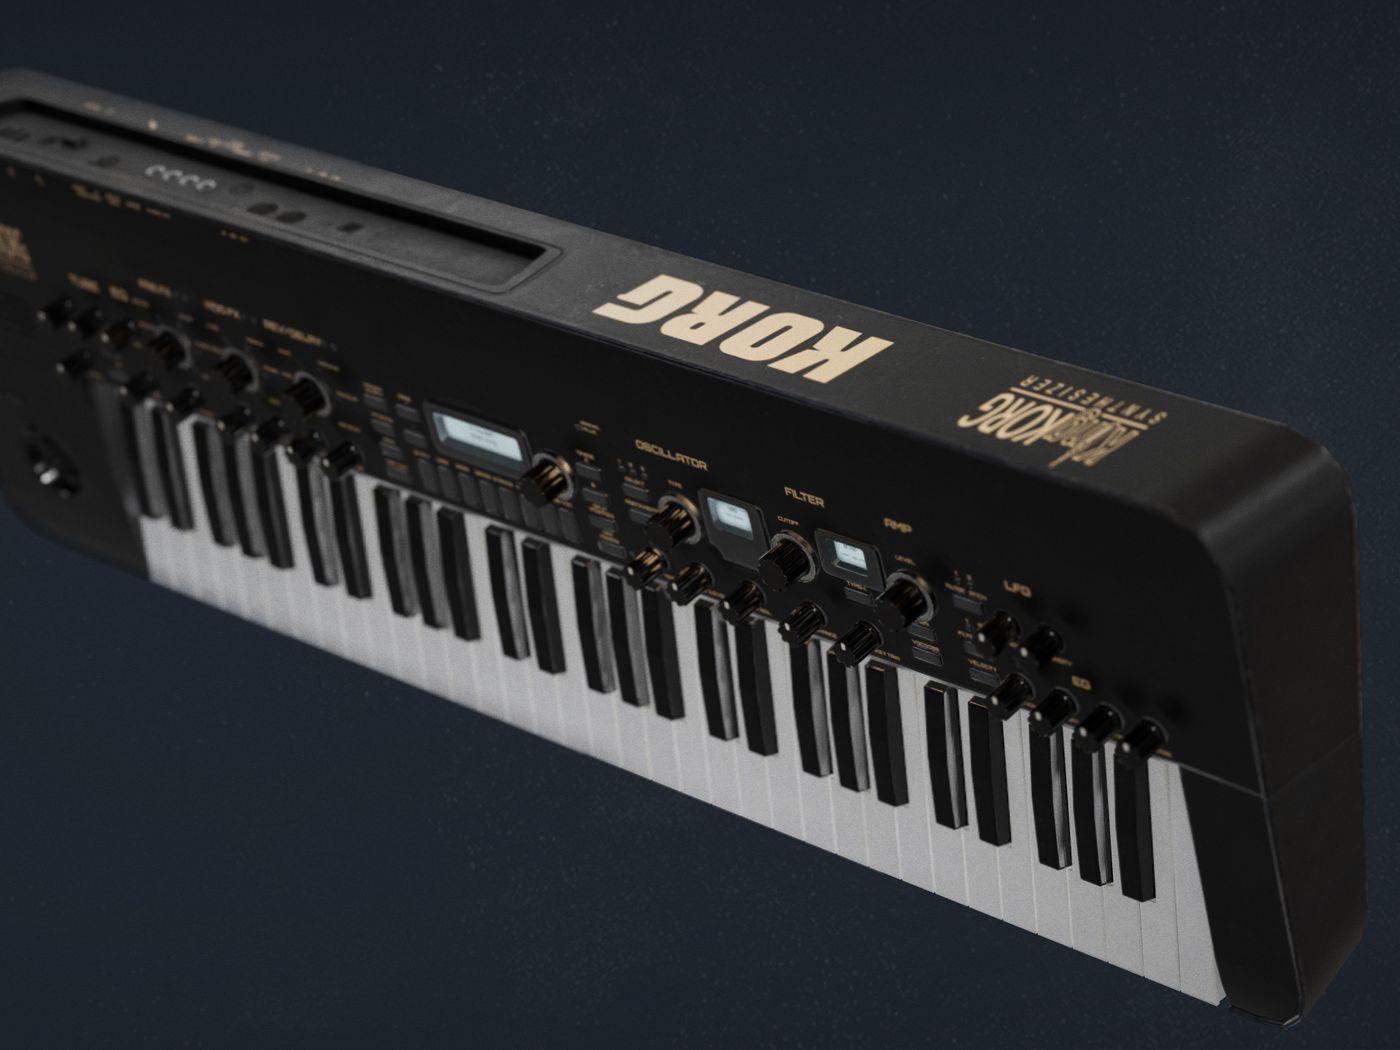 KingKorg Synthesizer Game ready asset